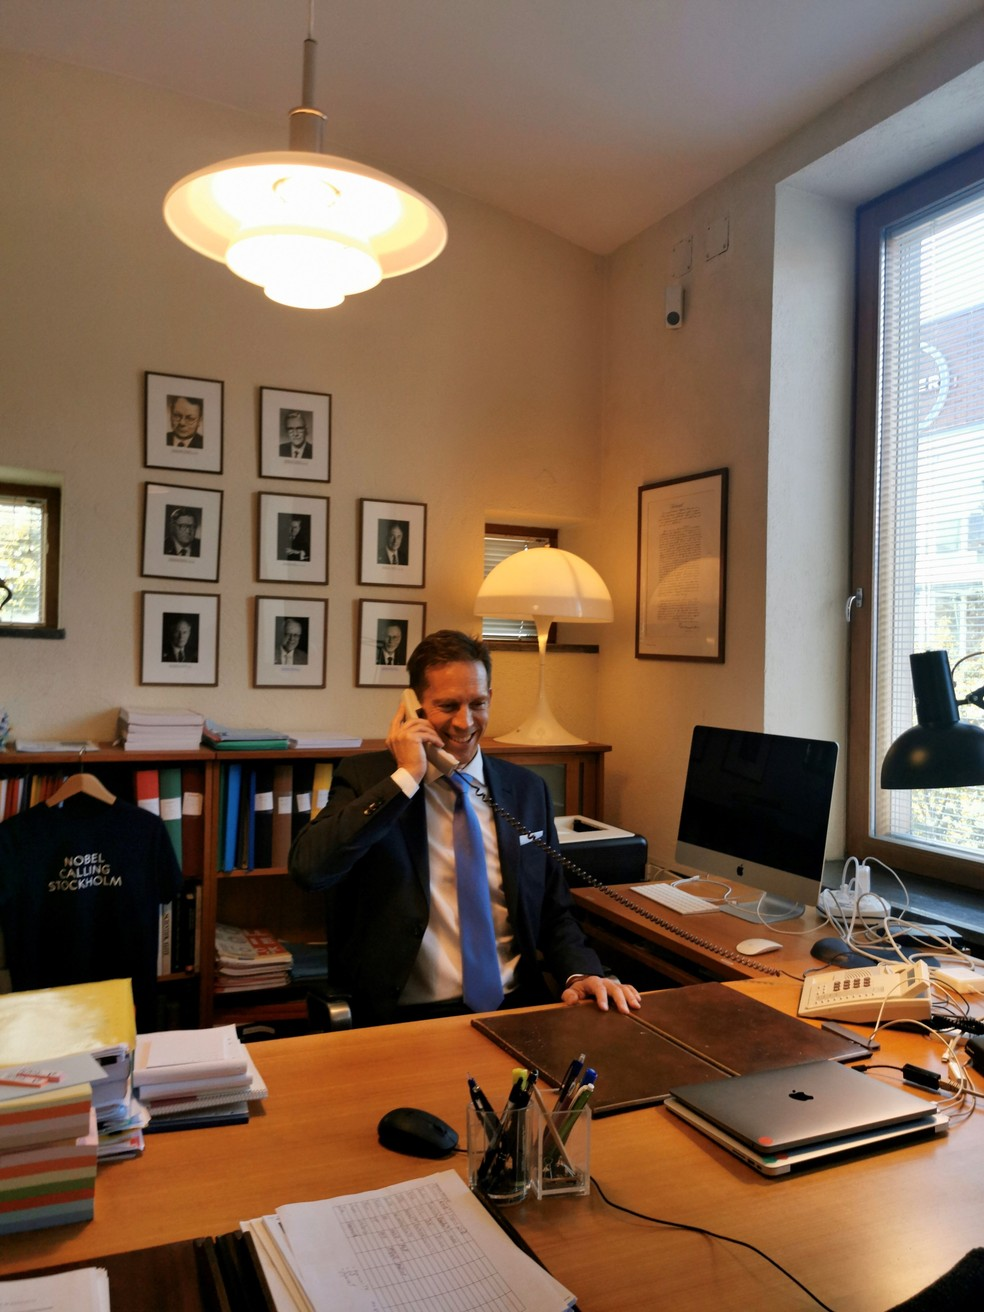 O secretário do comitê, Thomas Perlmann, liga para um dos vencedores para dar a notícia. — Foto: Yanan Li/Reprodução Twitter Nobel